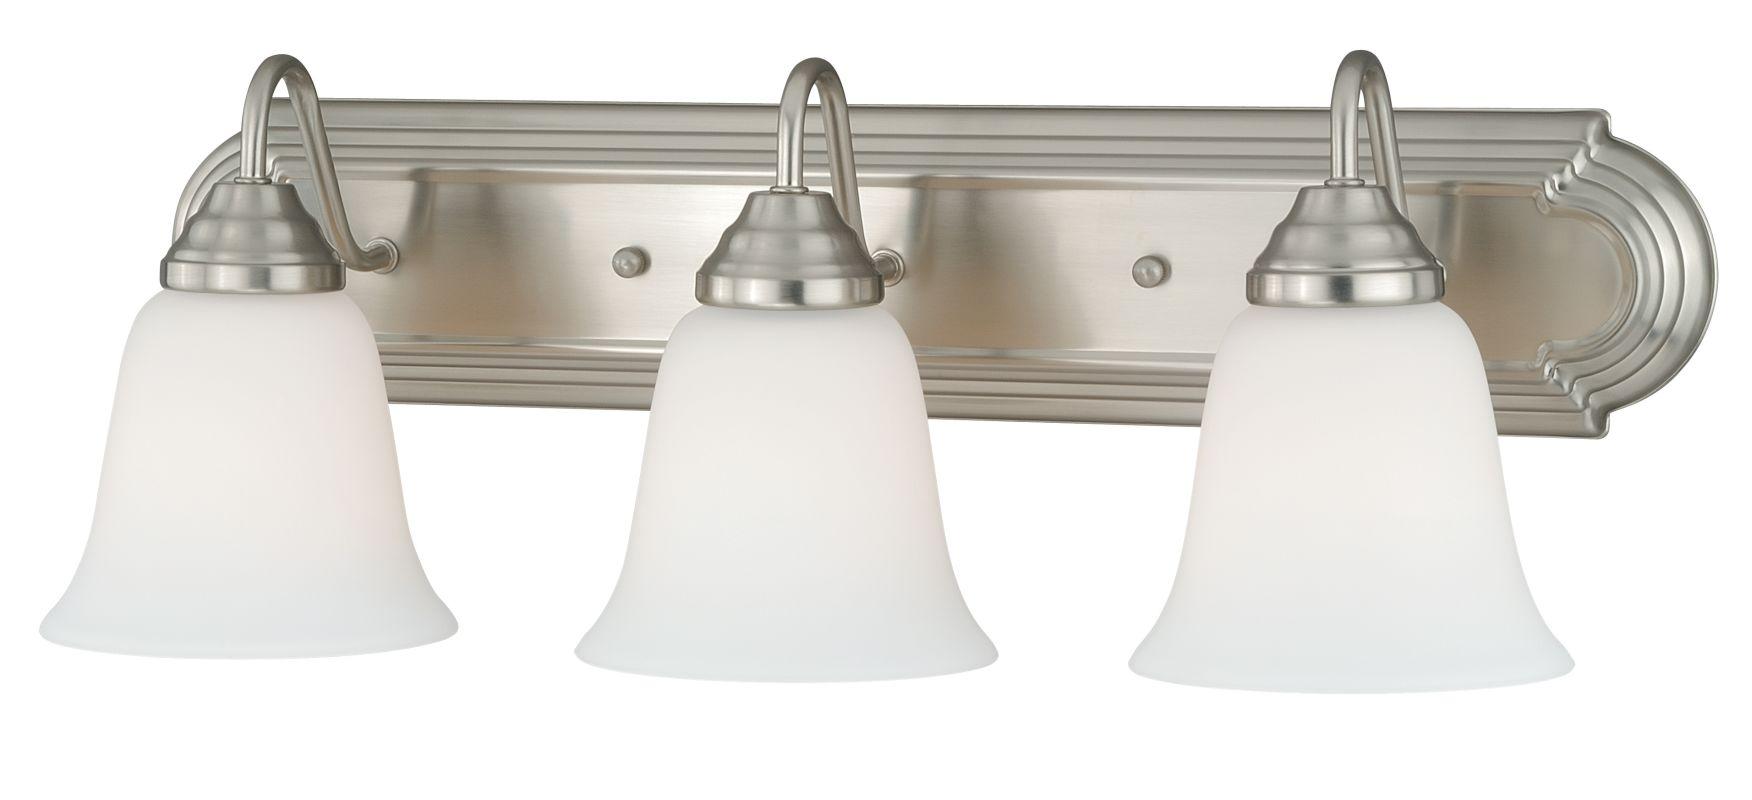 Vaxcel Lighting W0134 708 Series 3 Light Vanity Light Satin Nickel